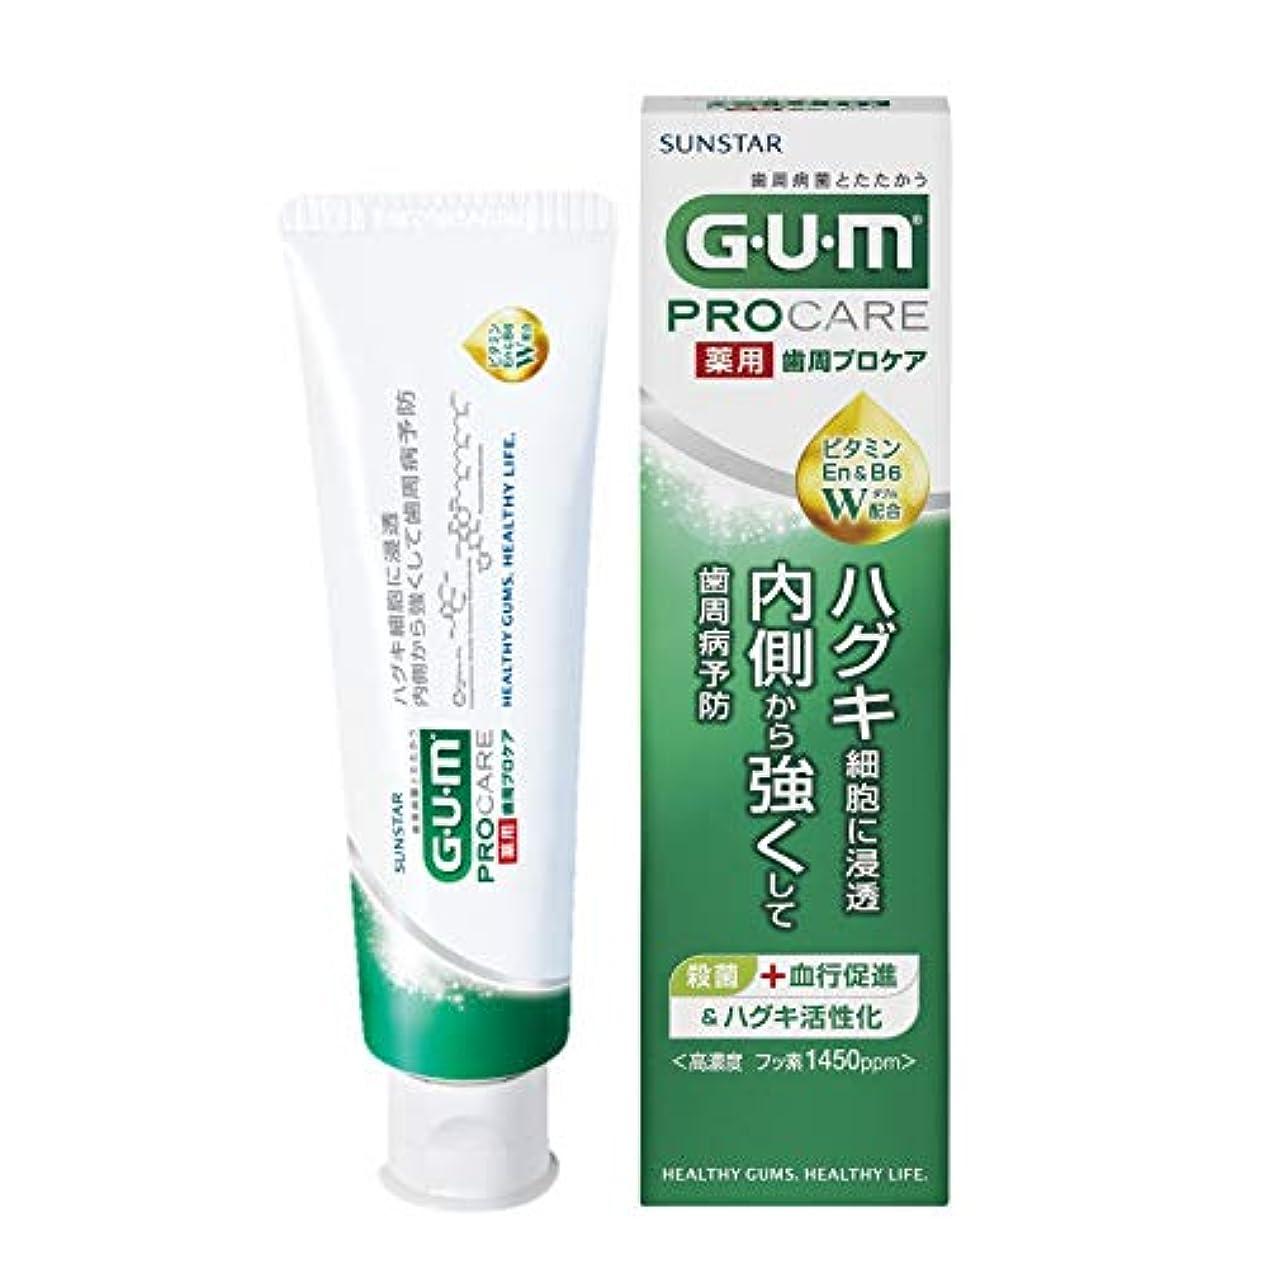 エゴマニア外部コイン[医薬部外品] GUM(ガム) 歯周プロケア 歯みがき 90g <歯周病予防 ハグキケア 高濃度フッ素配合 1450ppm>